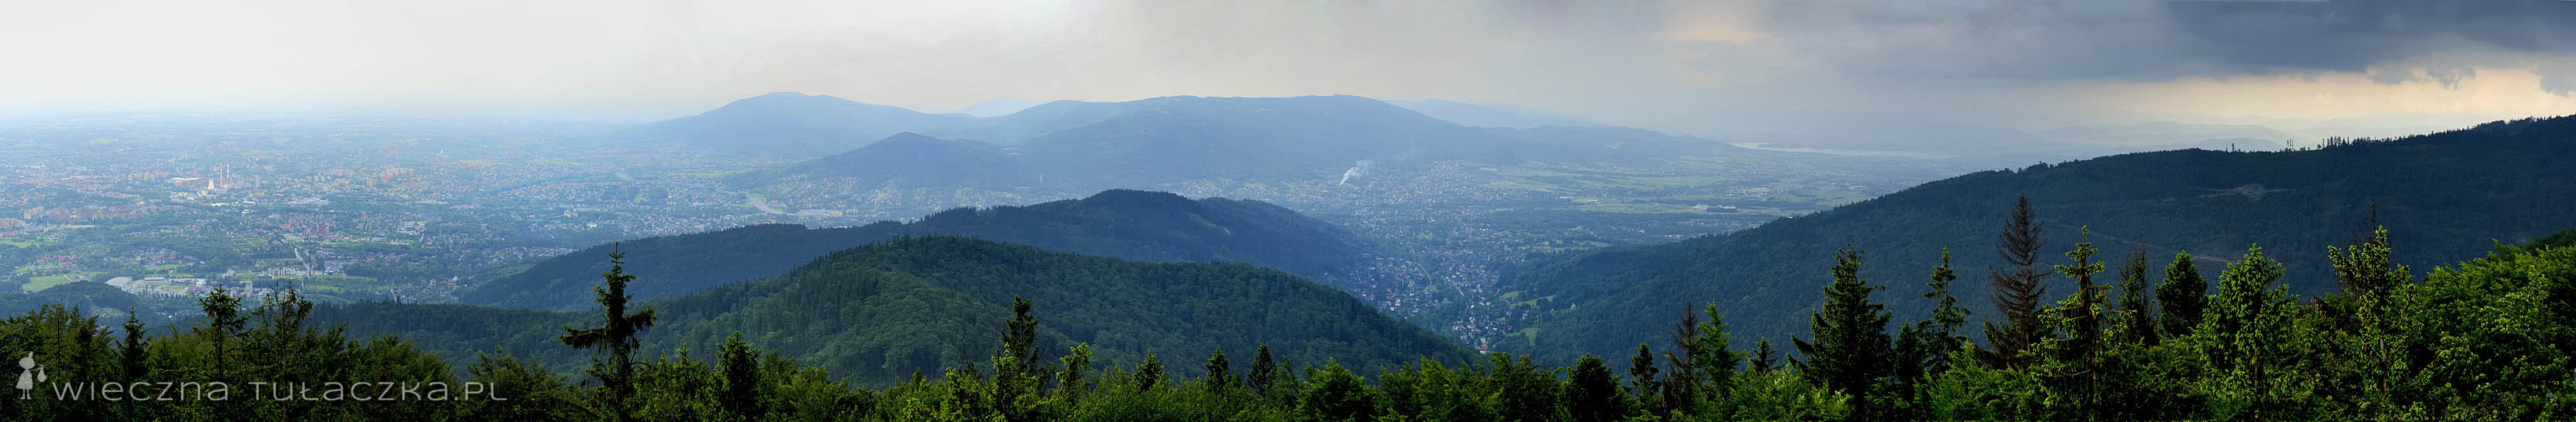 Szyndzielnia panorama